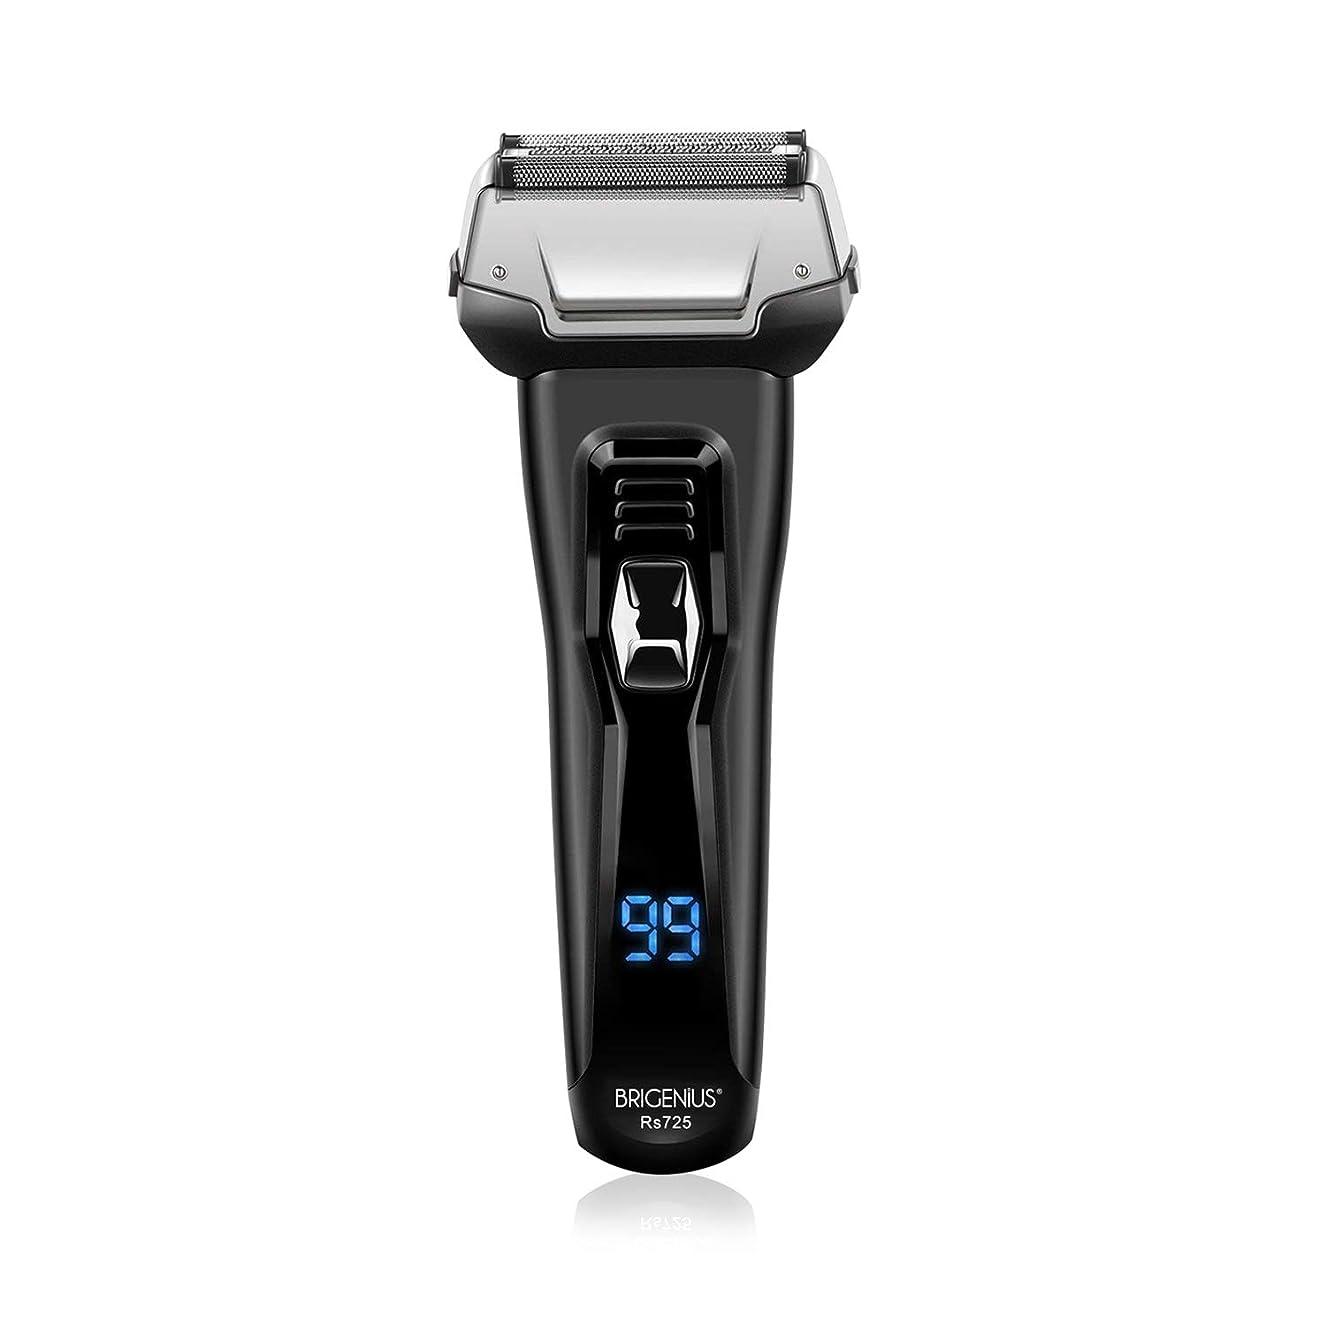 ジャグリング人事皮肉電気シェーバー 3枚刃 往復式 髭剃り ひげそり 水洗い お風呂剃り可 シェーバー LCD残量表示 USB充電式 深剃り トリマー付き 電気カミソリ メンズシェーバー